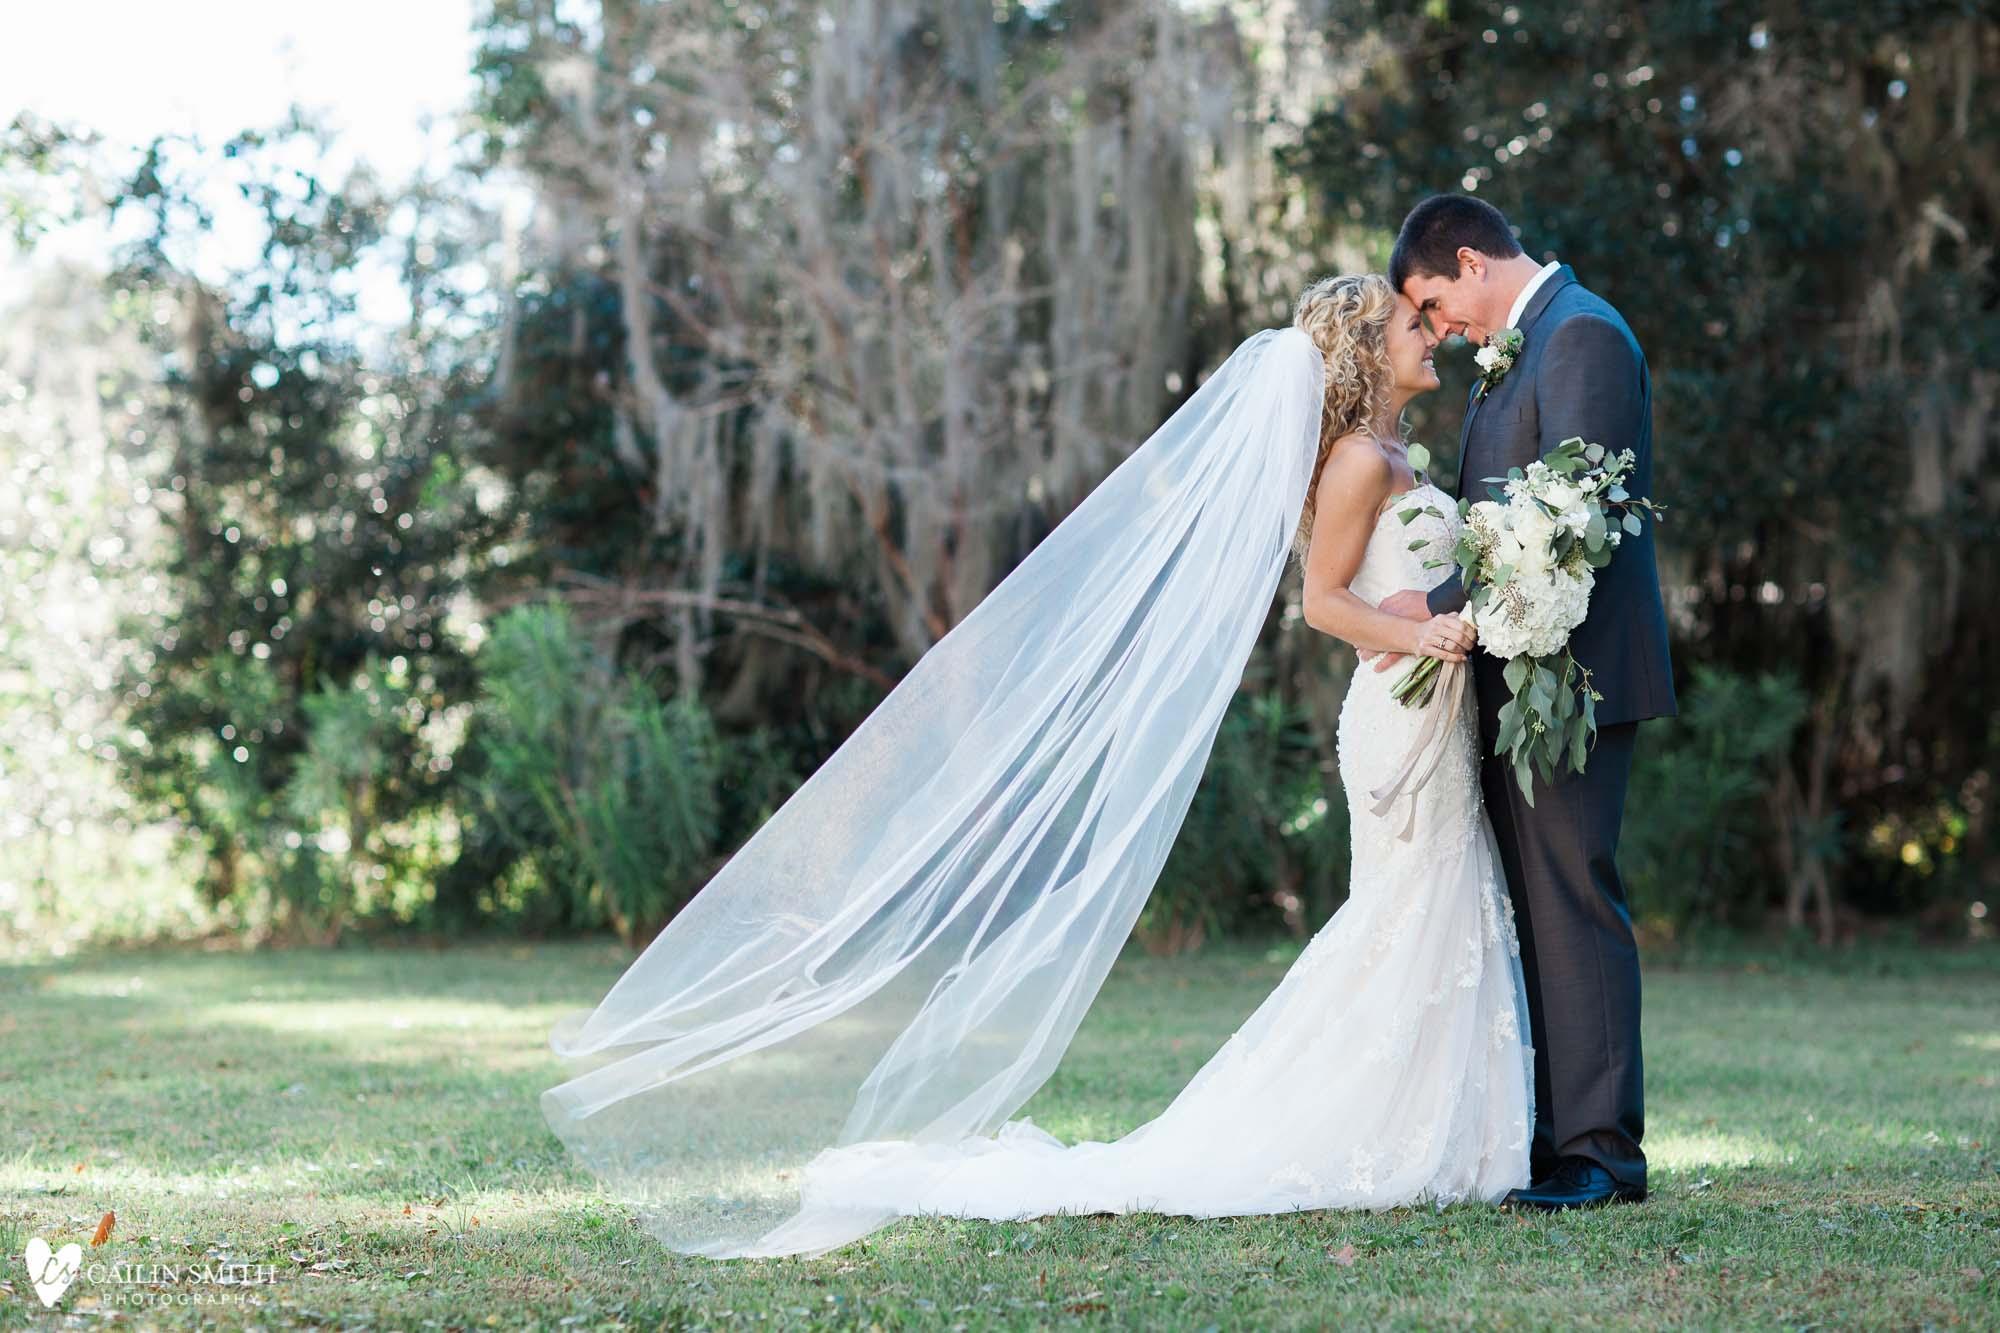 Leah_Major_St_Marys_Wedding_Photography_046.jpg